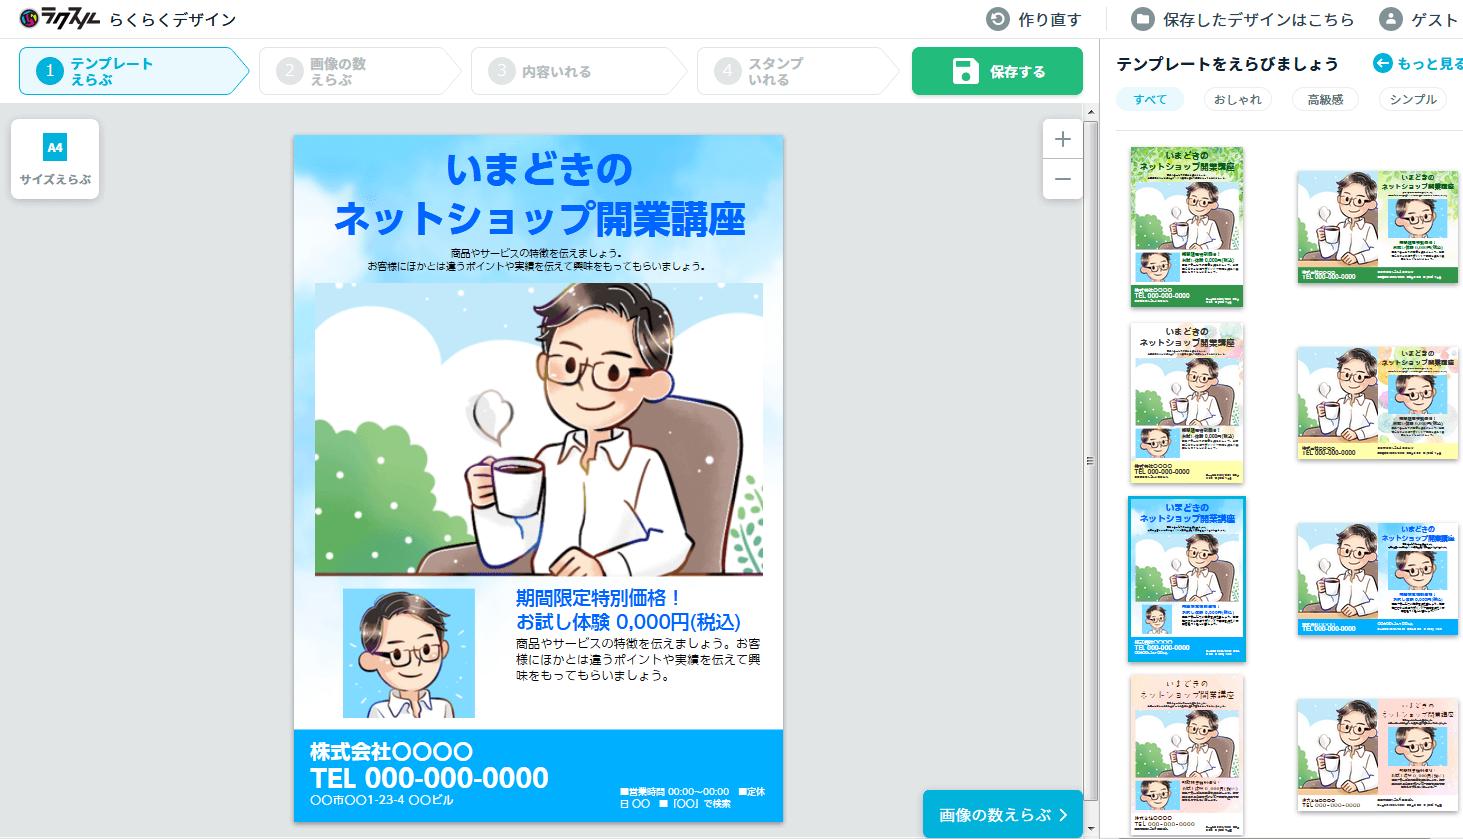 当サイトの宣伝チラシ